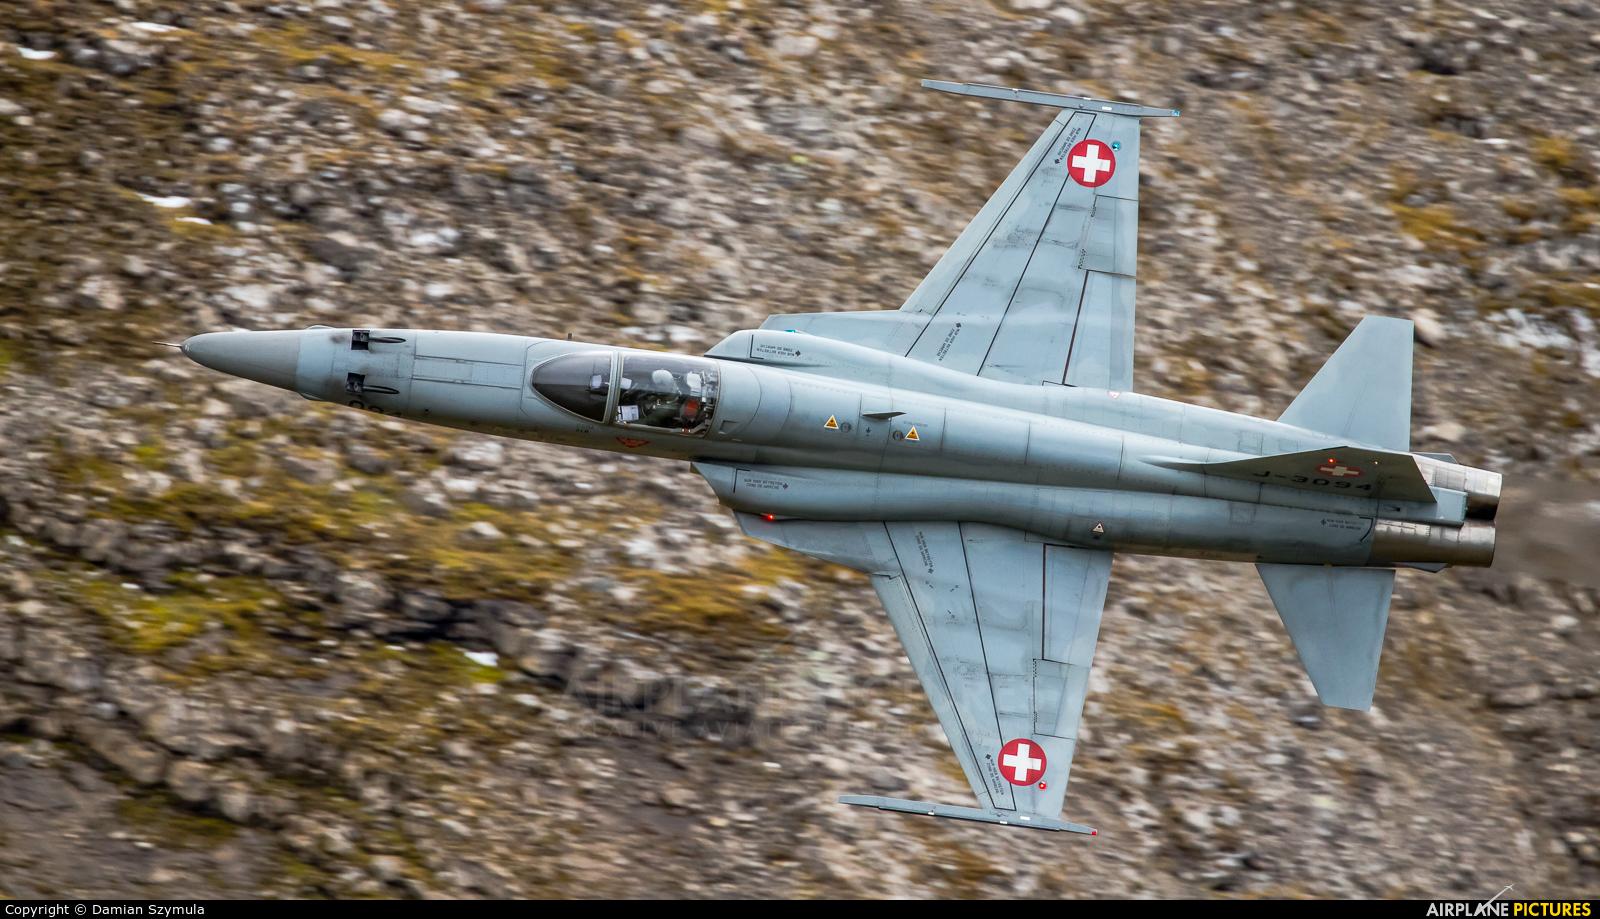 Switzerland - Air Force J-3094 aircraft at Ebenfluhe Range, Axalp